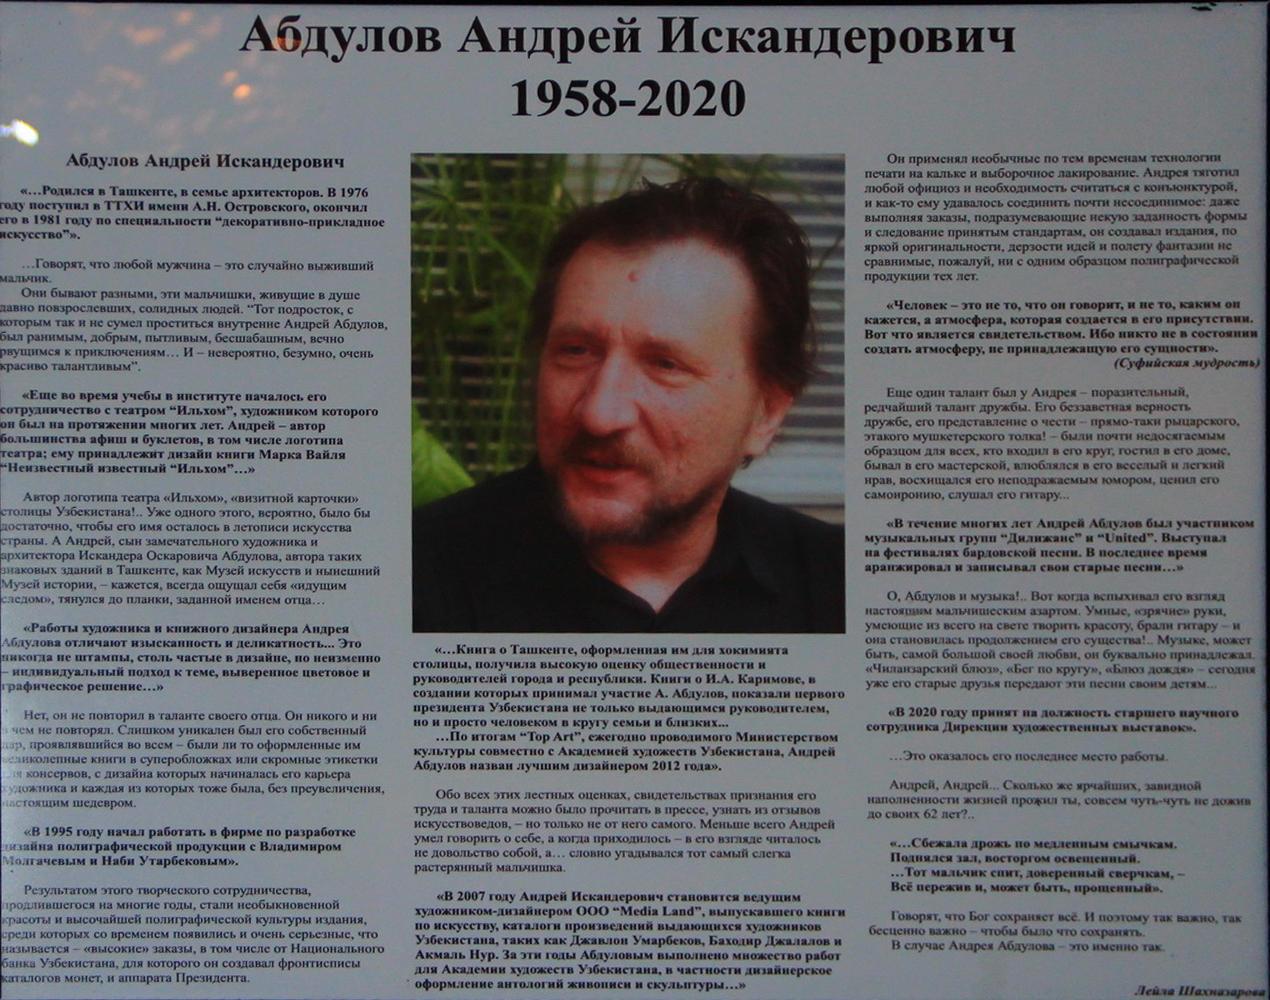 Абдулов Андрей